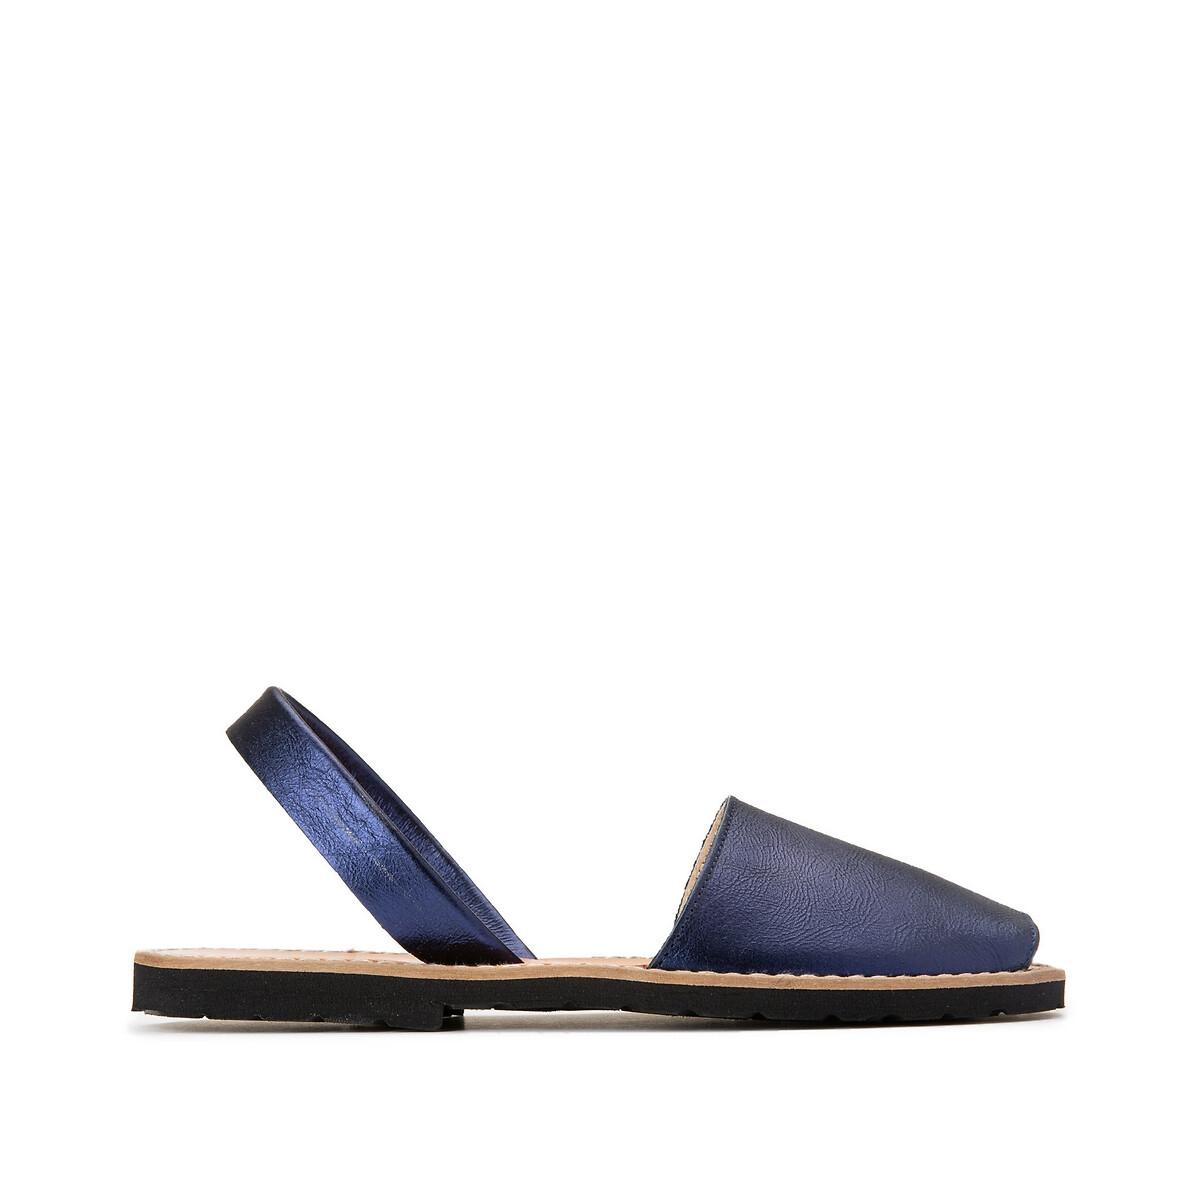 Босоножки La Redoute Кожаные на плоском каблуке AVARCA METAL 36 синий босоножки far out босоножки с открытым носом